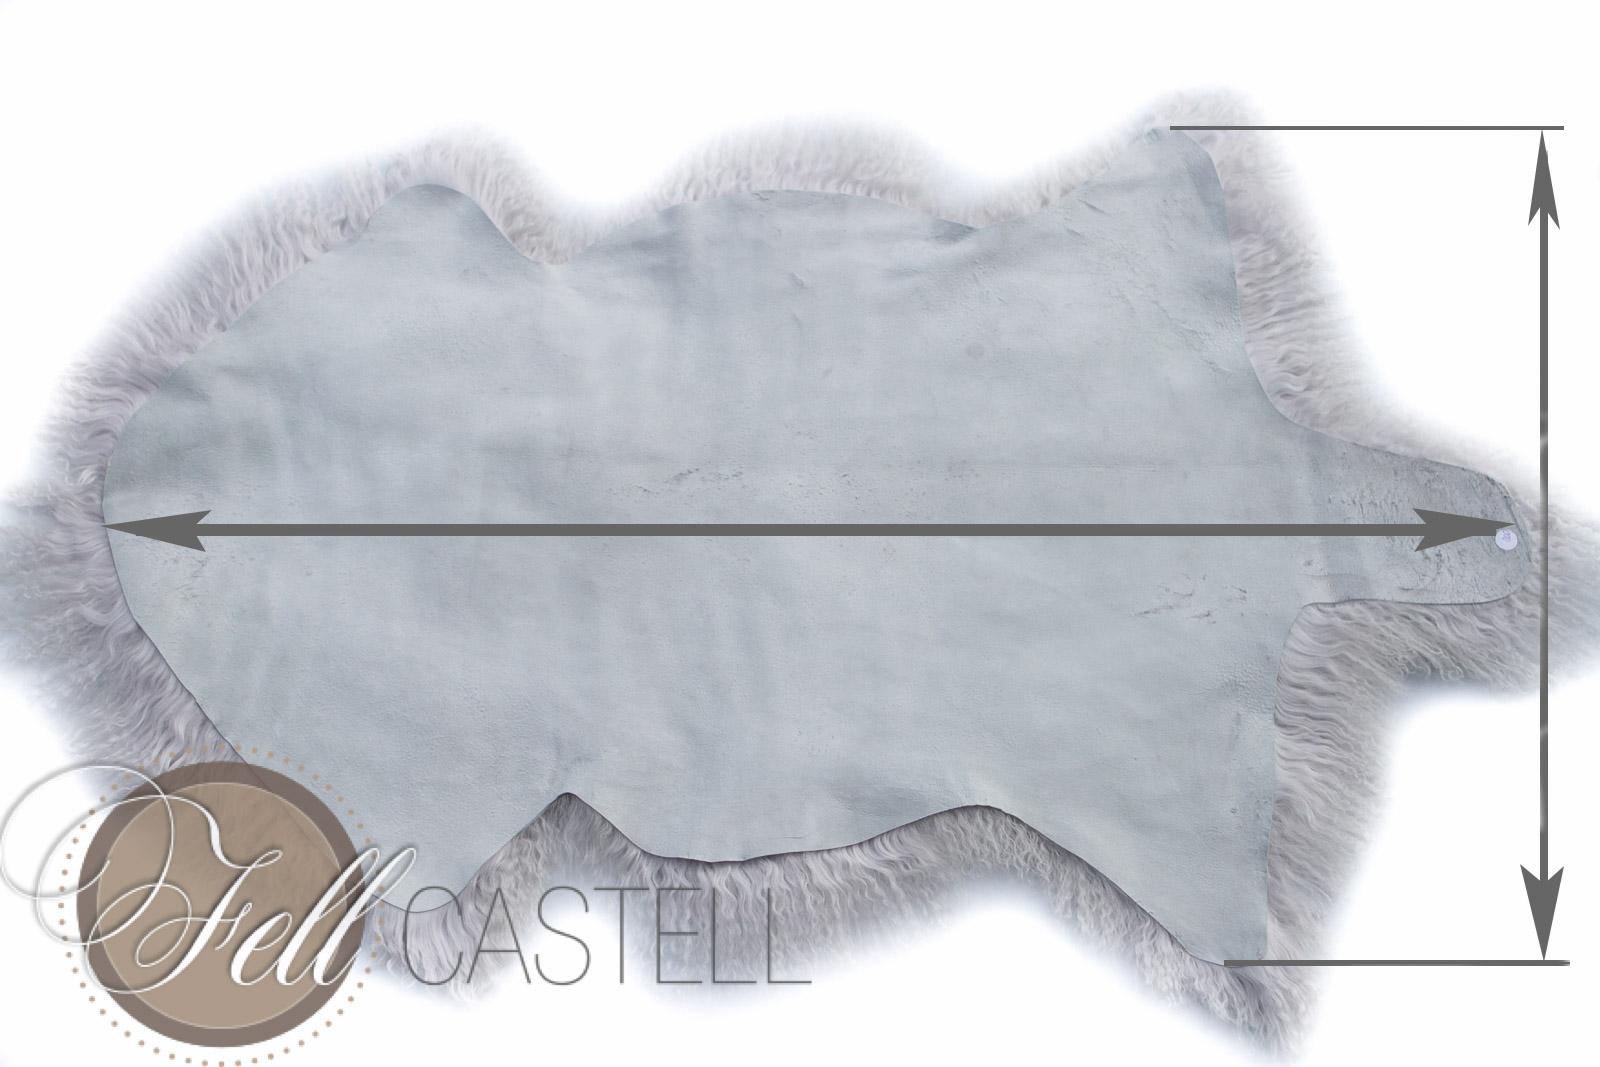 weier teppich cheap runder teppich aus weier baumwolle with weier teppich wei teppich uacm. Black Bedroom Furniture Sets. Home Design Ideas